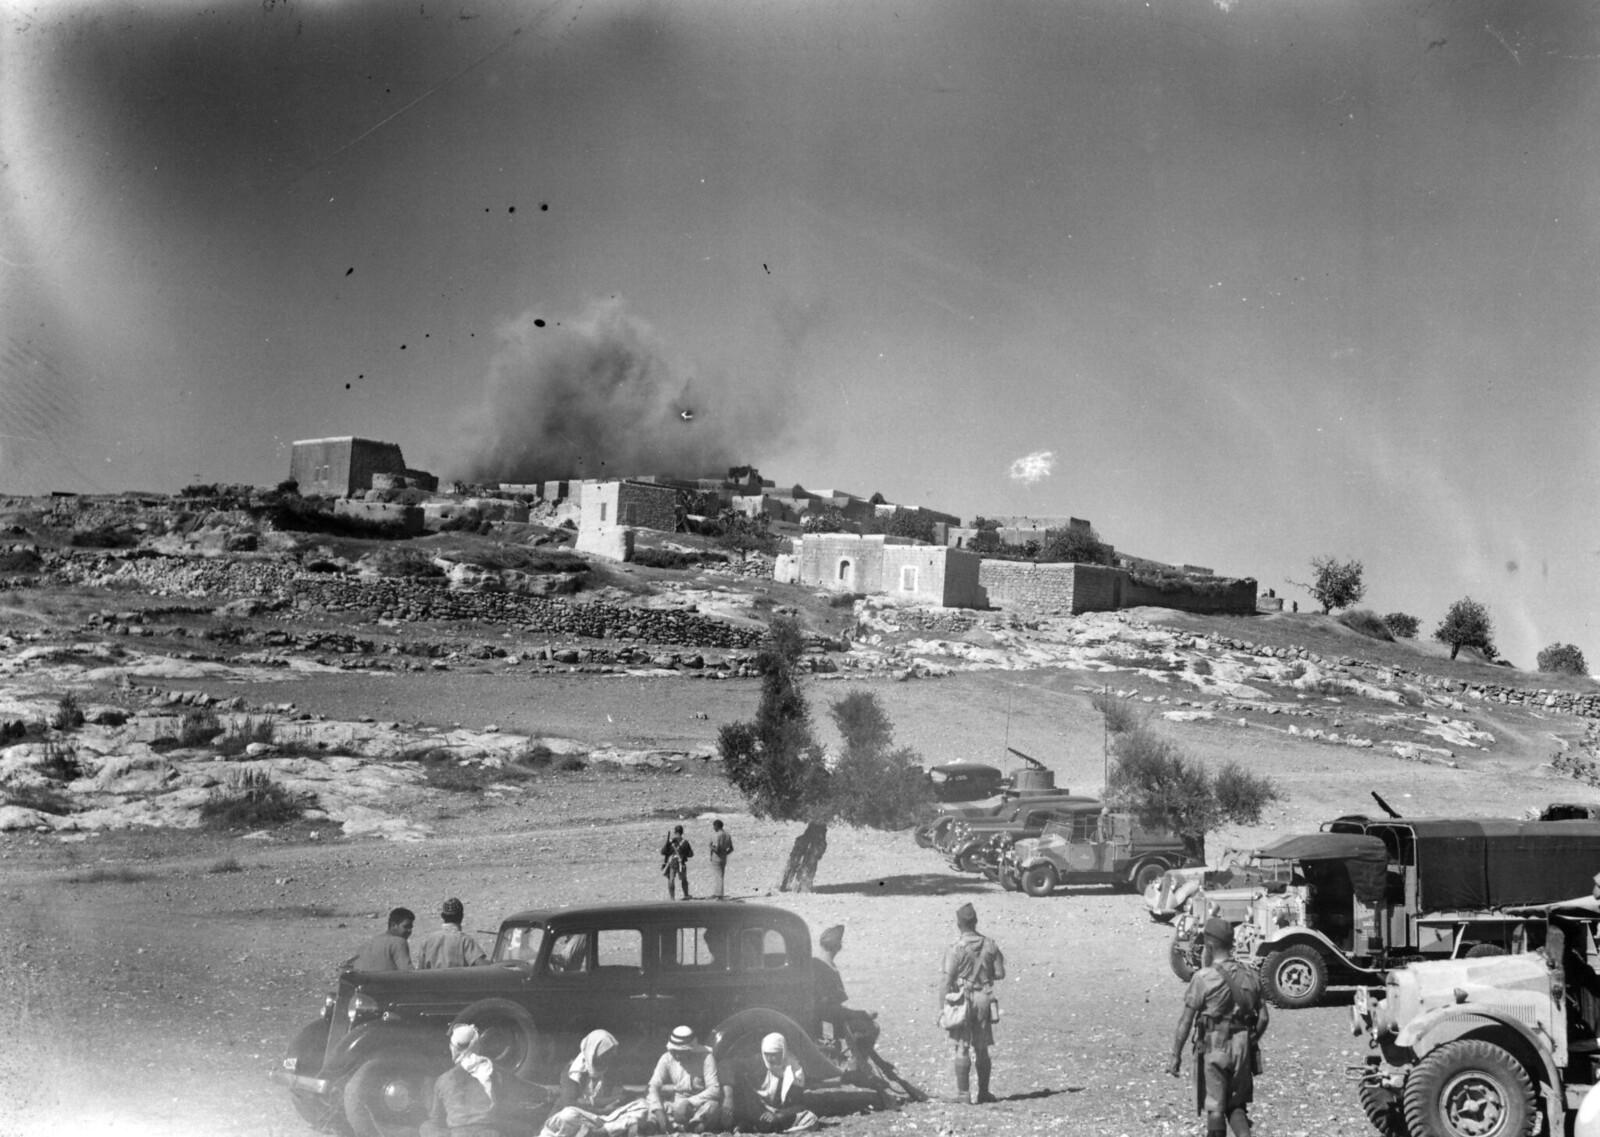 05. 1938. Арабская деревня Миар, недалеко от Хайфы, взорвана в период арабского мятежа. Это наказание и предупреждение повстанцам со стороны британцев